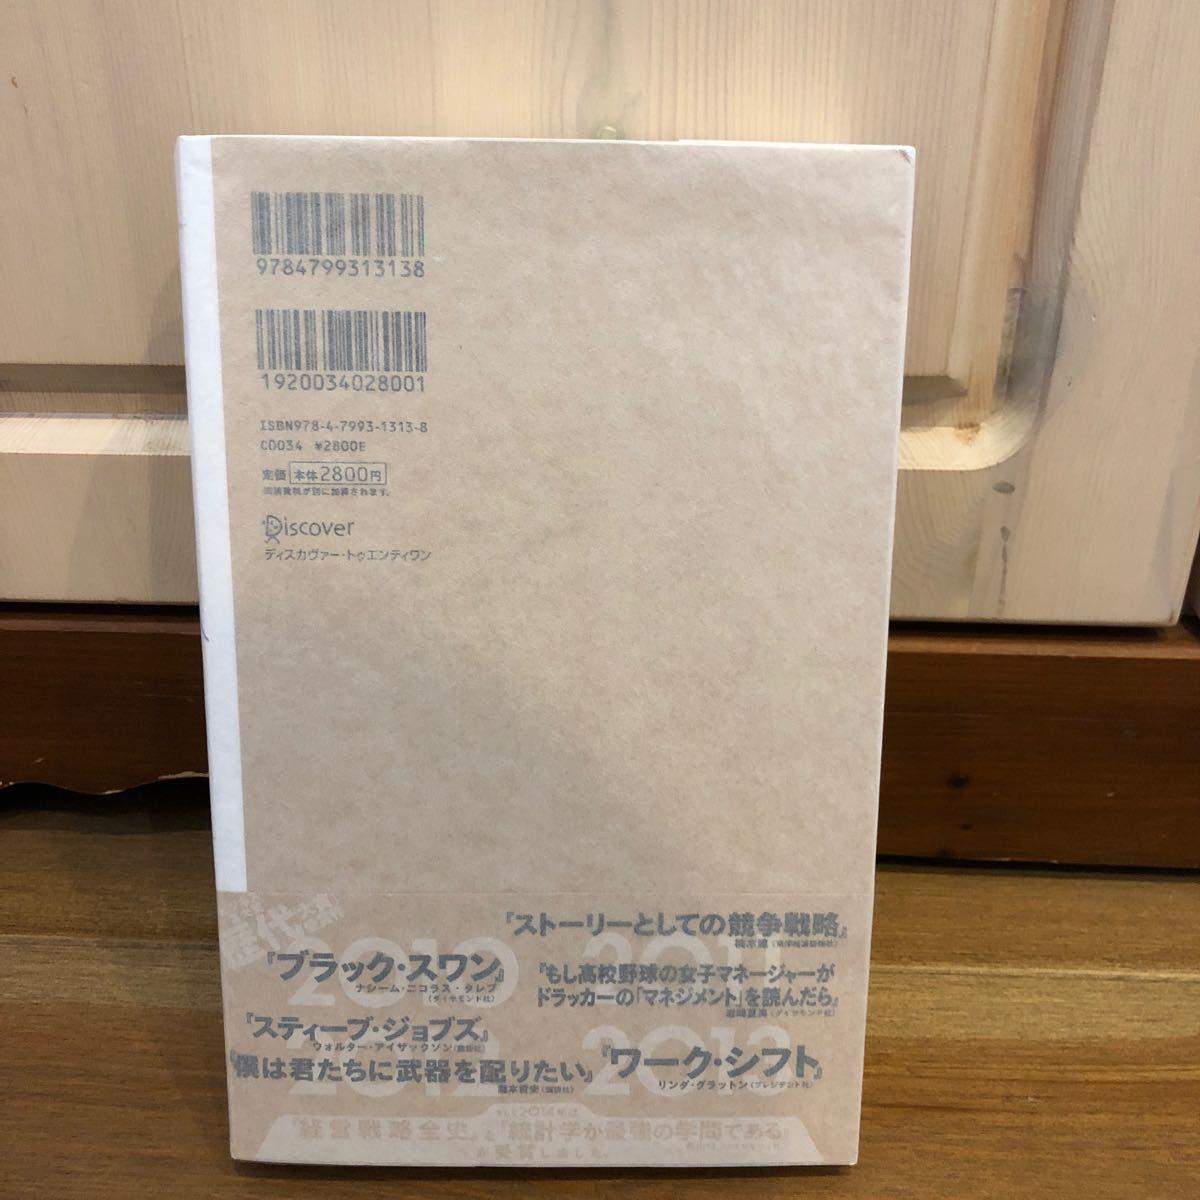 経営戦略全史/三谷宏治